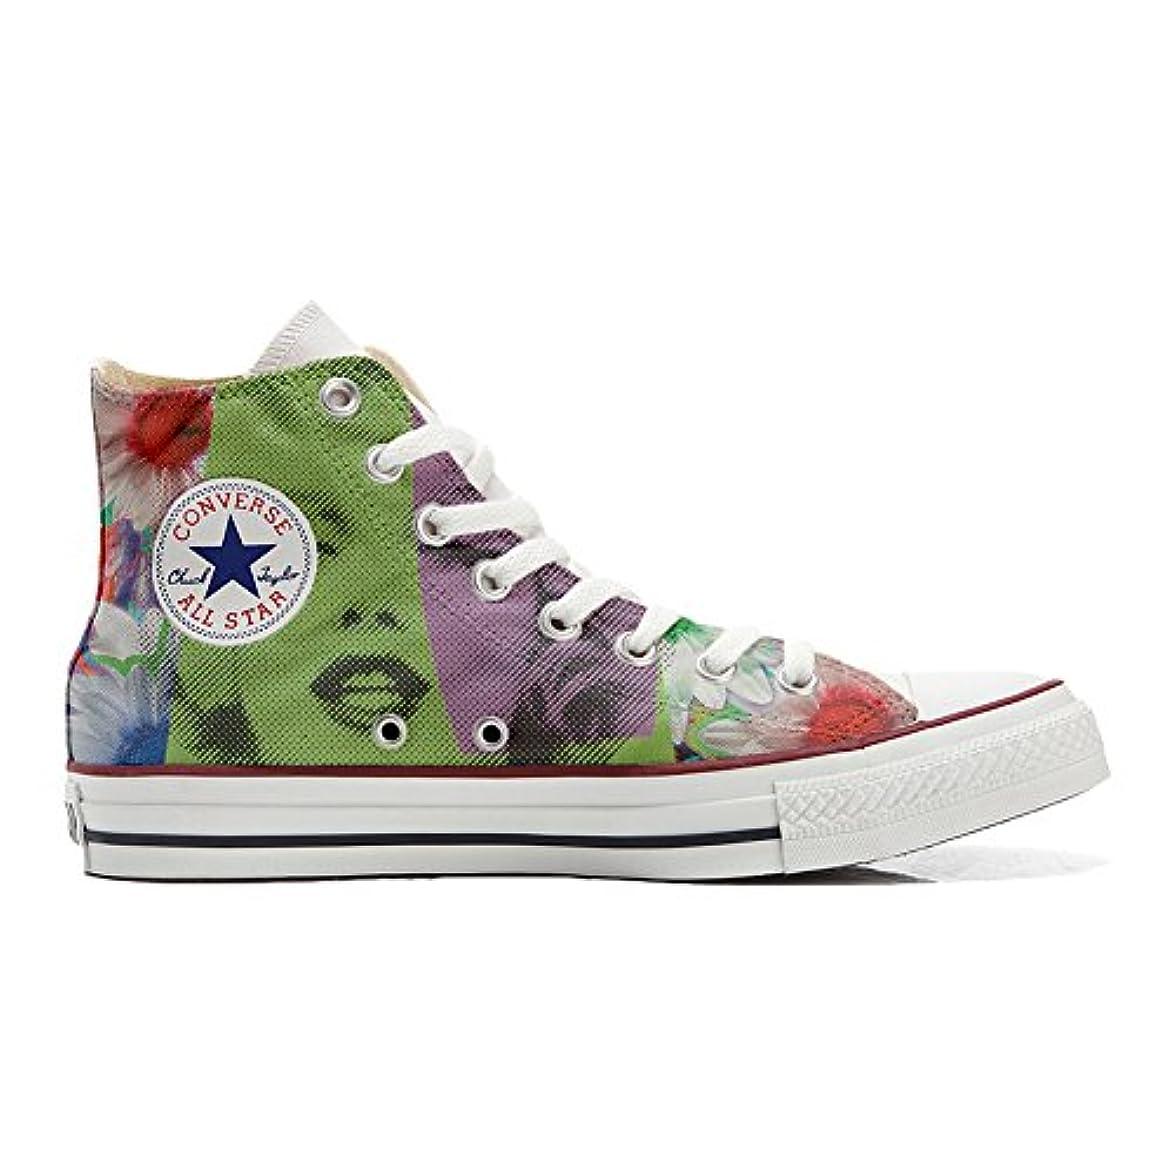 Scarpe Converse All Star Alte Personalizzate scarpe Artigianali Viso Marylin